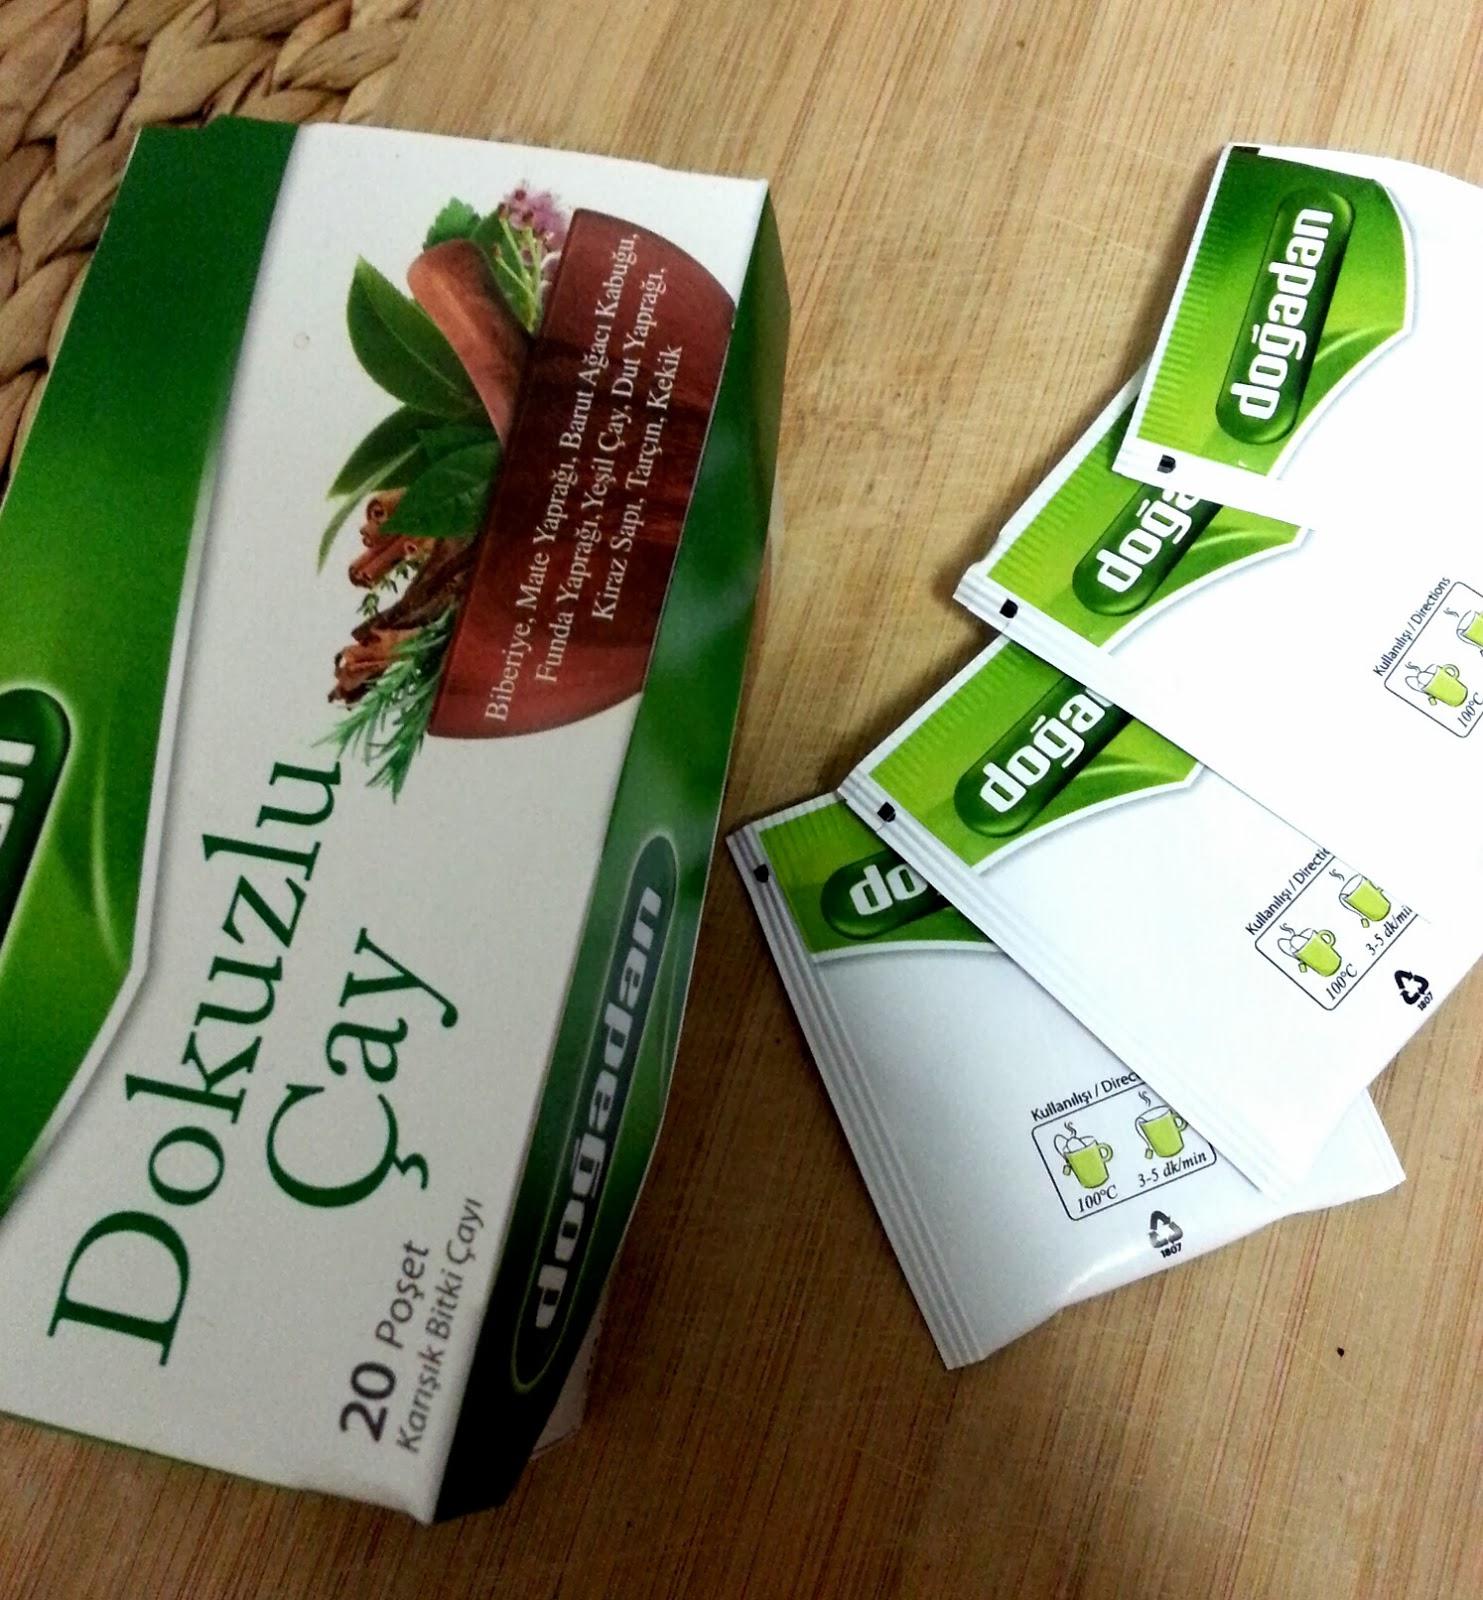 Kiraz Sapı Çayı Zayıflatırmı-Kiraz Sapı Çayı ile Zayıflama-Kiraz Sapı Çayının Faydaları Zararları